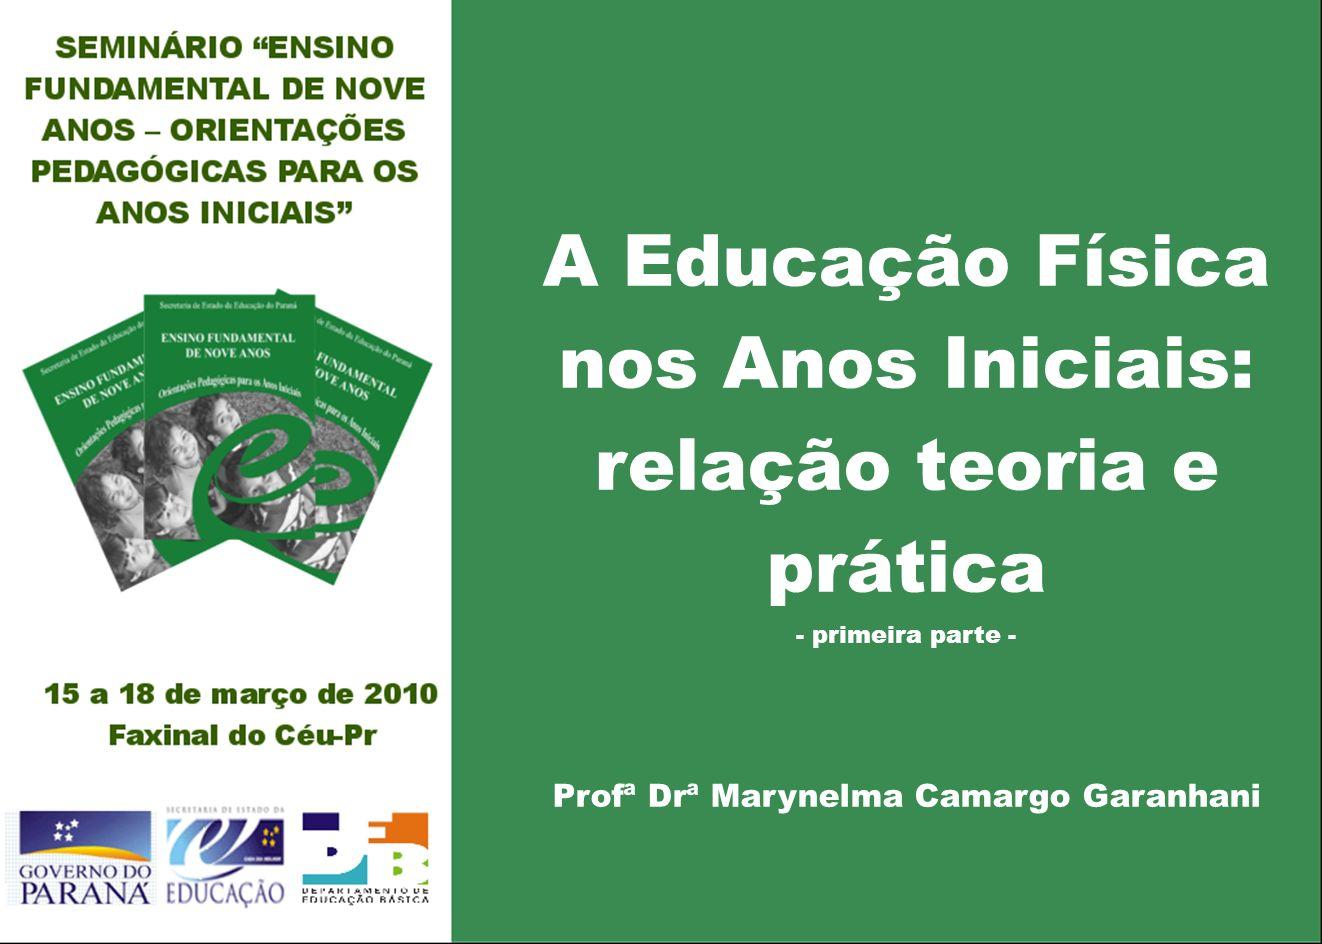 A Educação Física nos Anos Iniciais: relação teoria e prática - primeira parte - Profª Drª Marynelma Camargo Garanhani